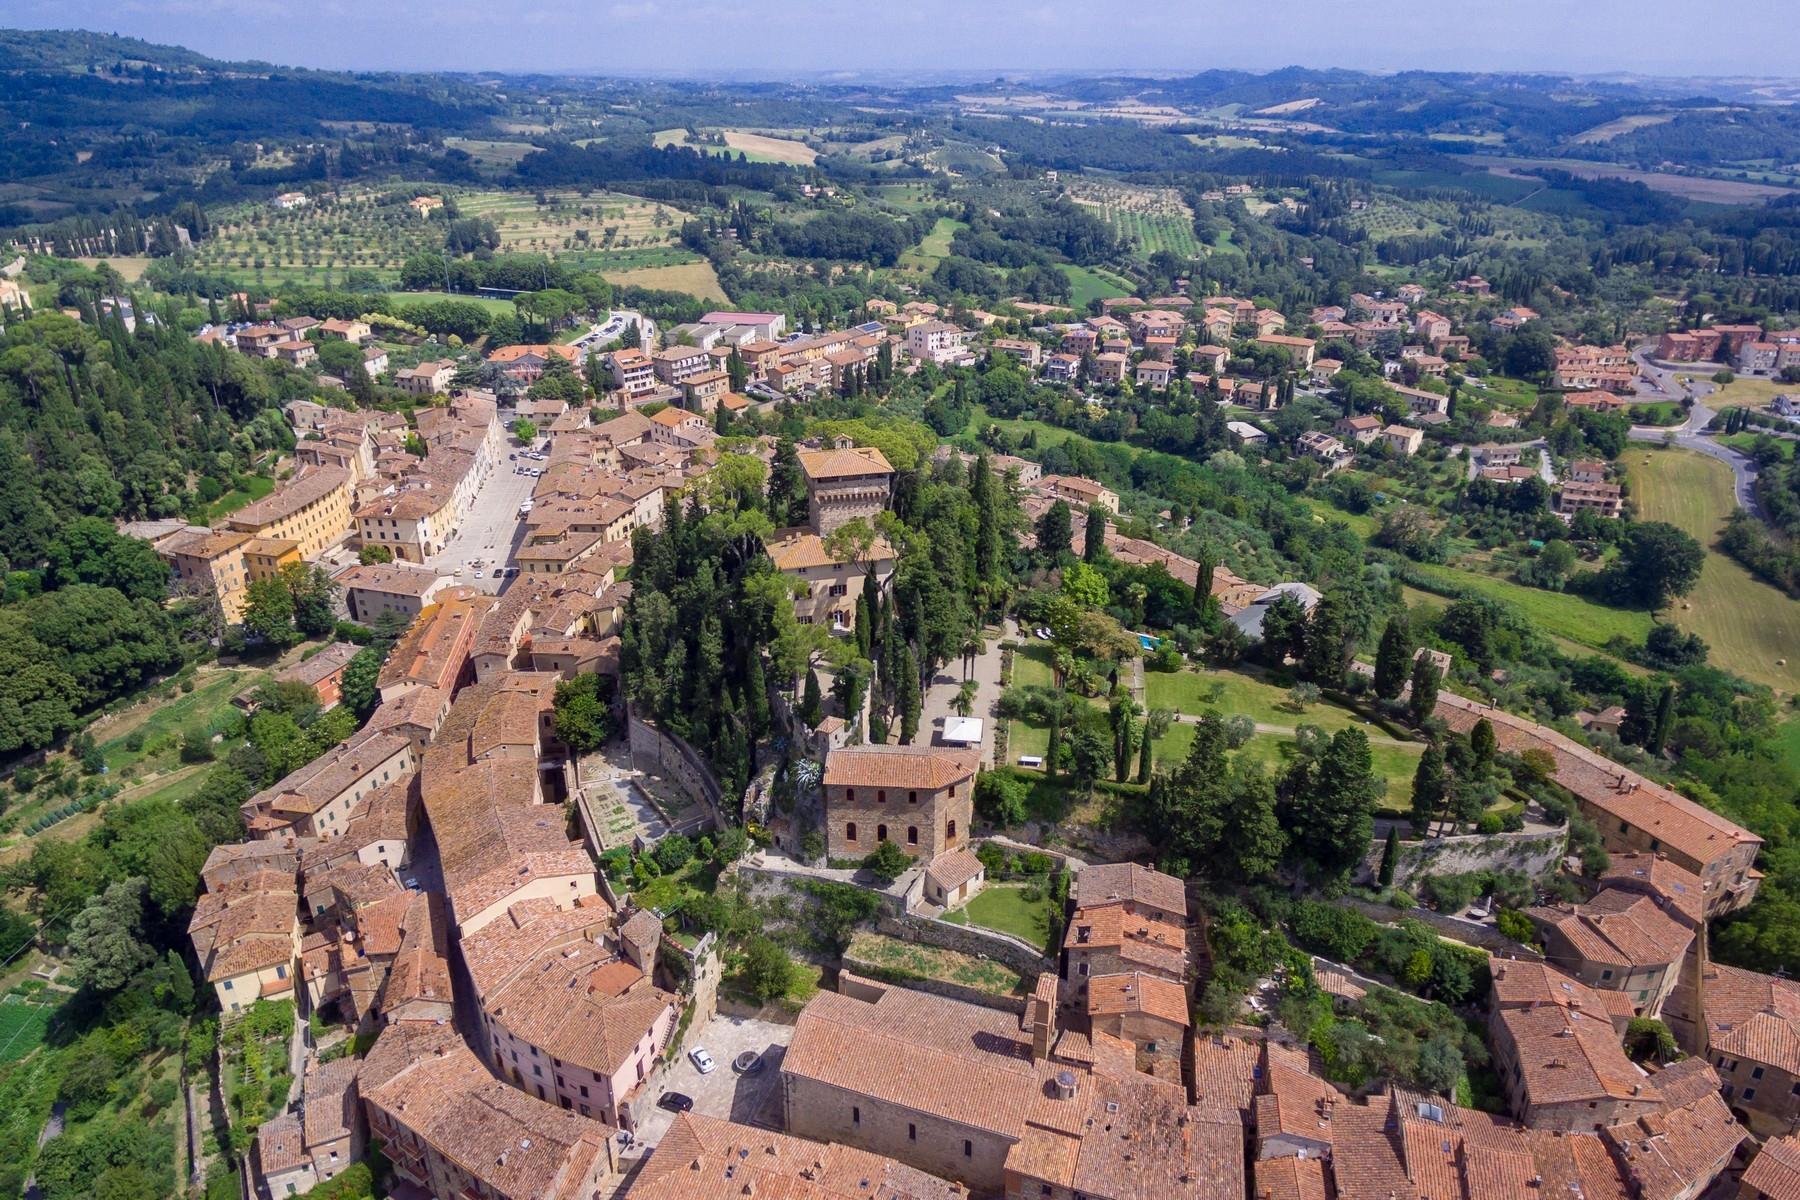 Восхитительное поместье с захватывающим видом на Тоскану в окрестностях Сиены, Италия - 36